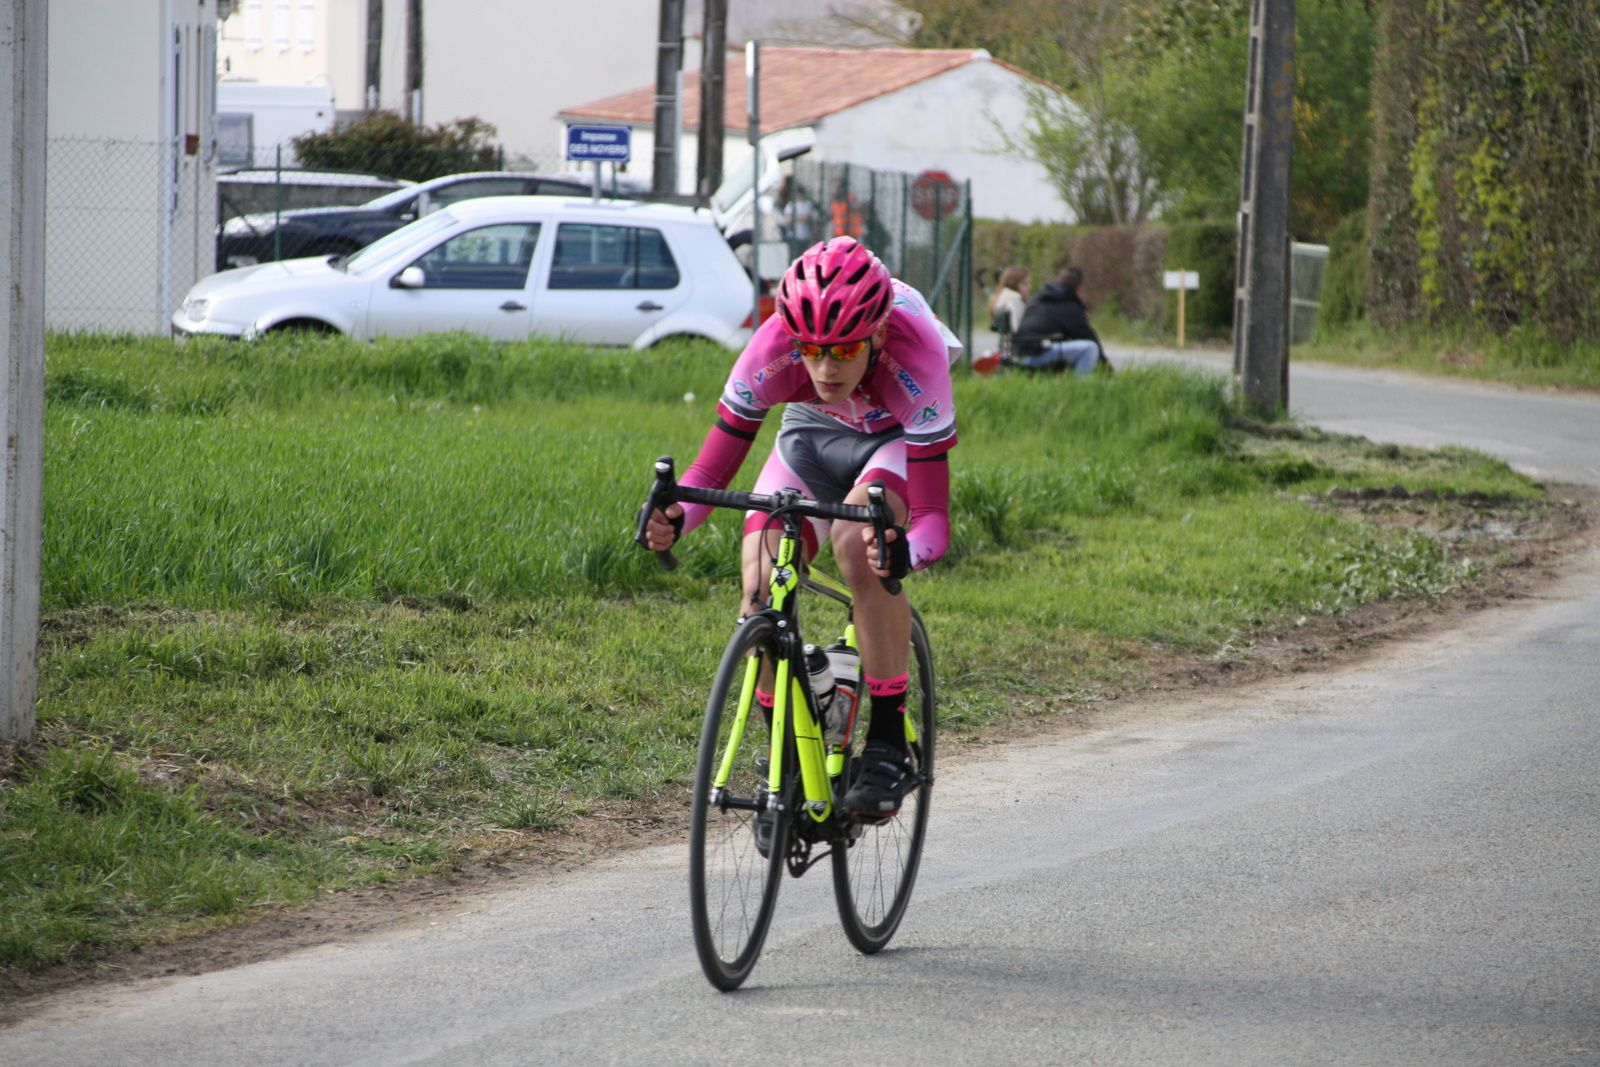 A  3  tours  de  l'arrivée  le  même  coureur  de  Dordogne  se  montre  le  plus  actif  sur  les  primes, Simon  BRUET  est  lui  revenu  sur  la  2e  partie  du  peloton